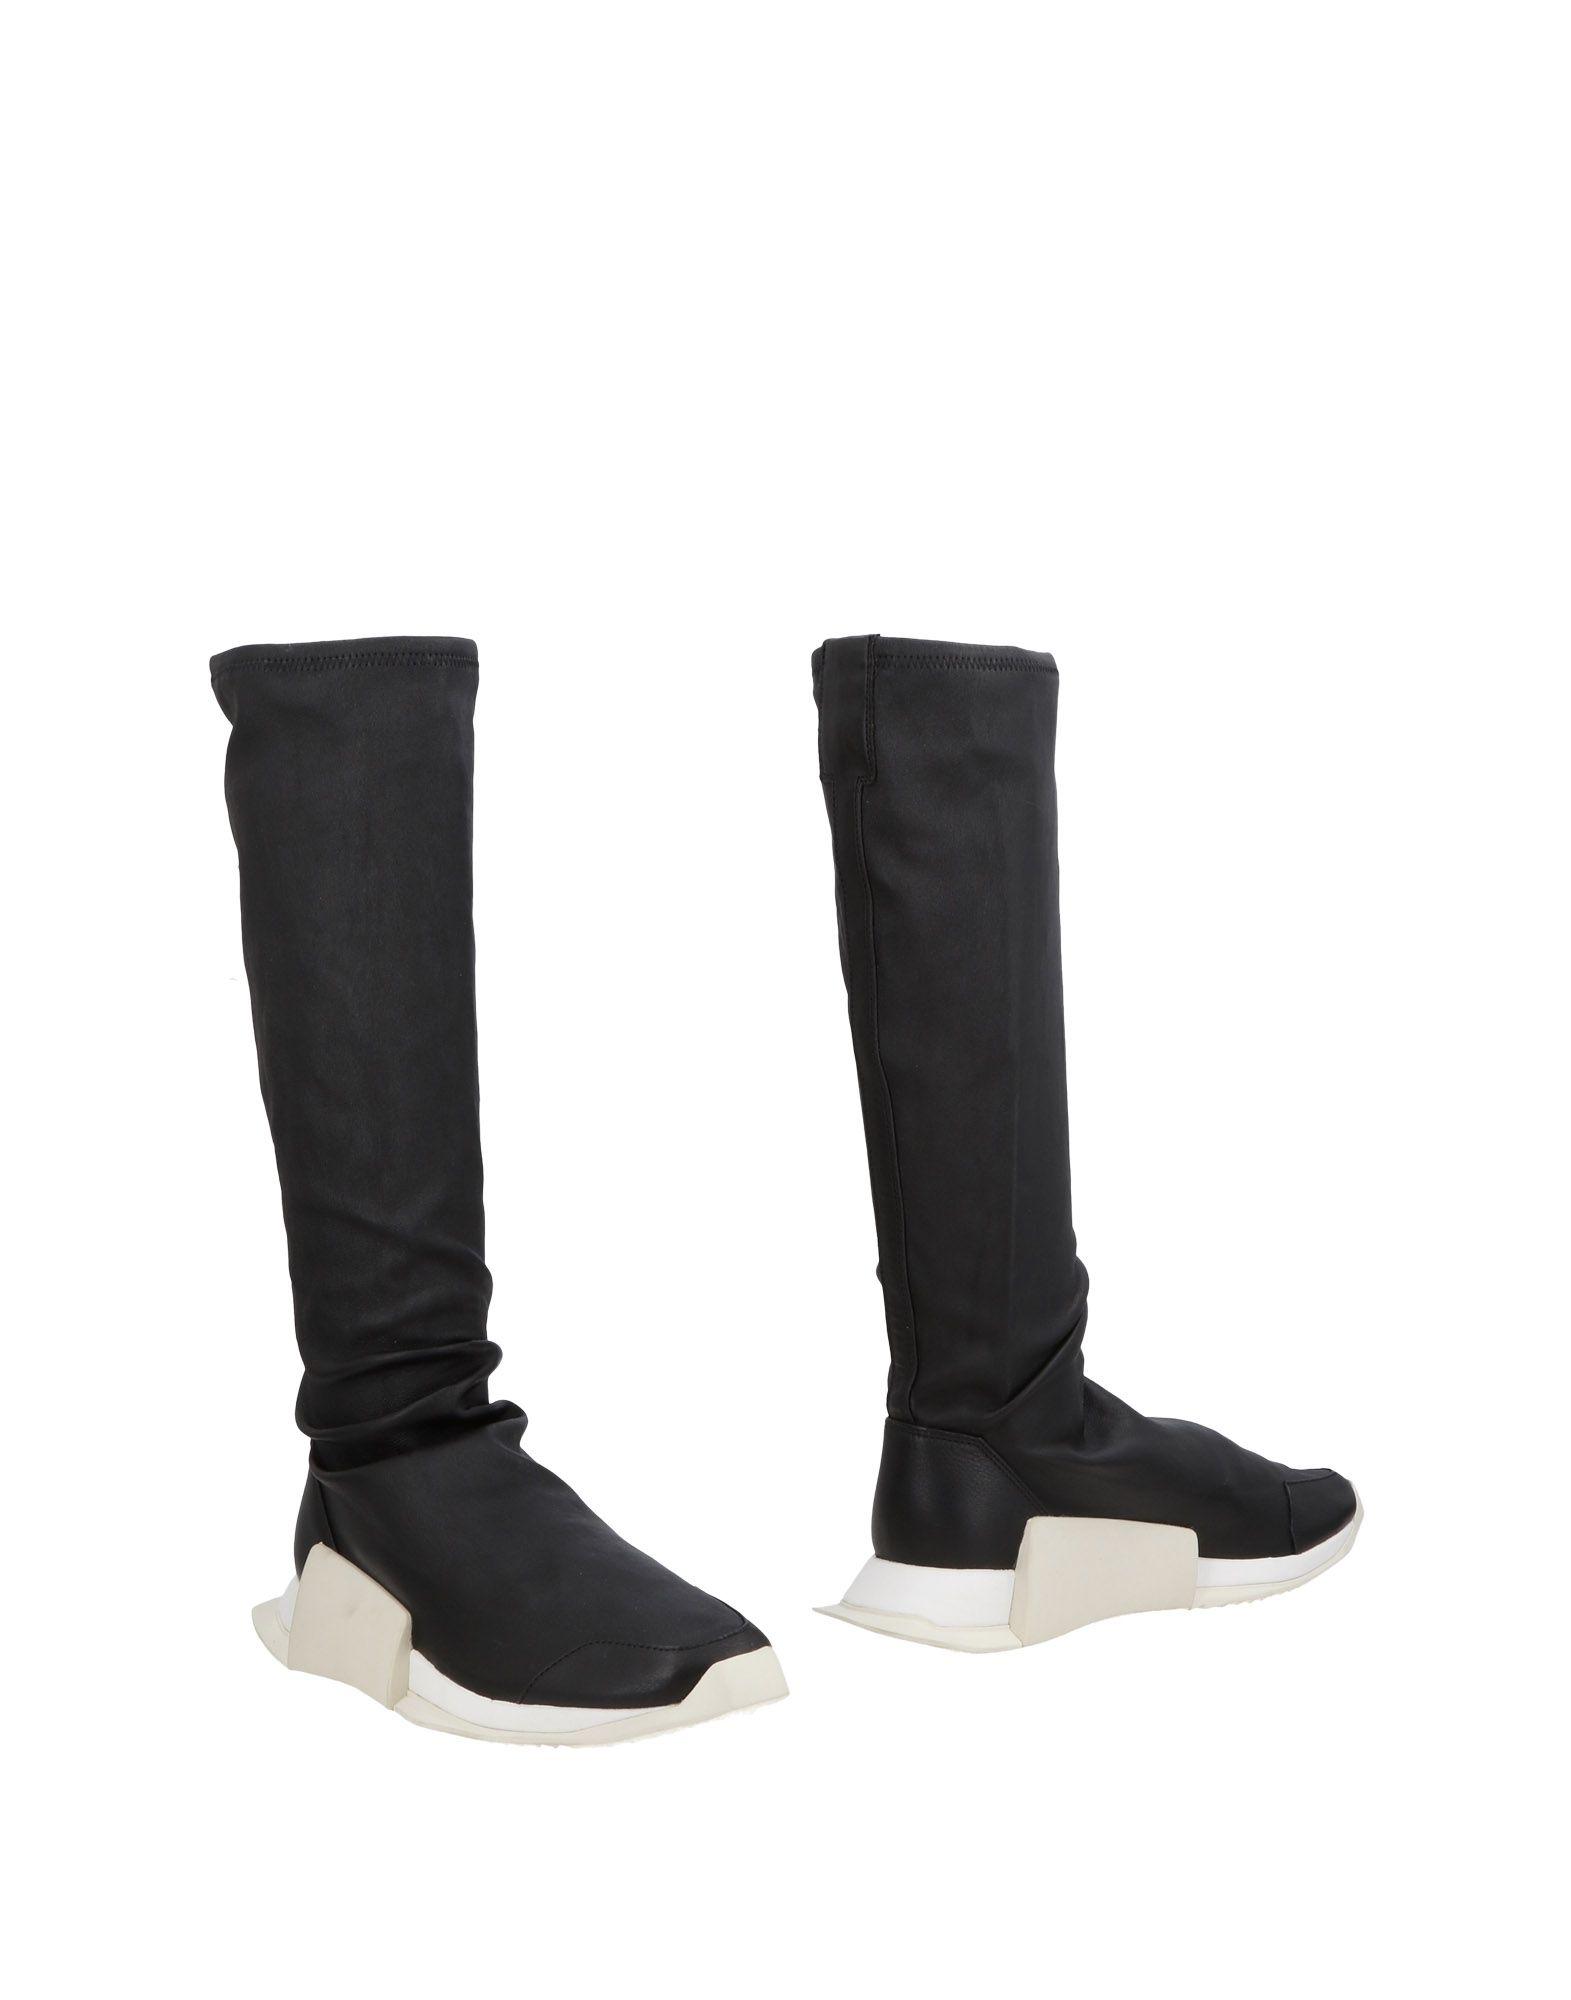 Rick Owens X Adidas Stiefelette Herren Herren Stiefelette  11495206LI Gute Qualität beliebte Schuhe fdac33